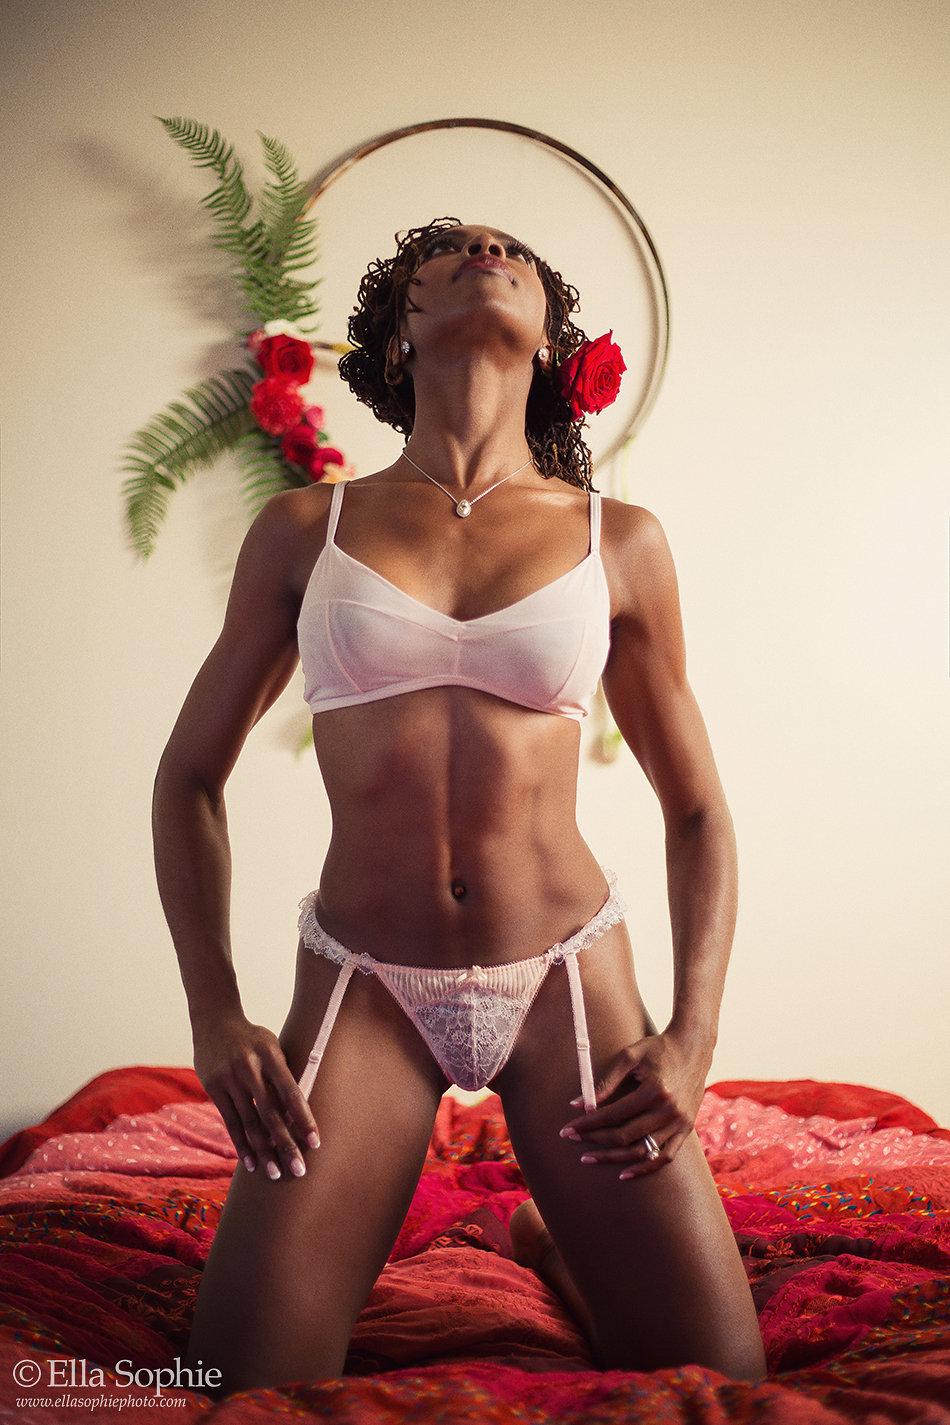 Model posing on her knees in lingerie